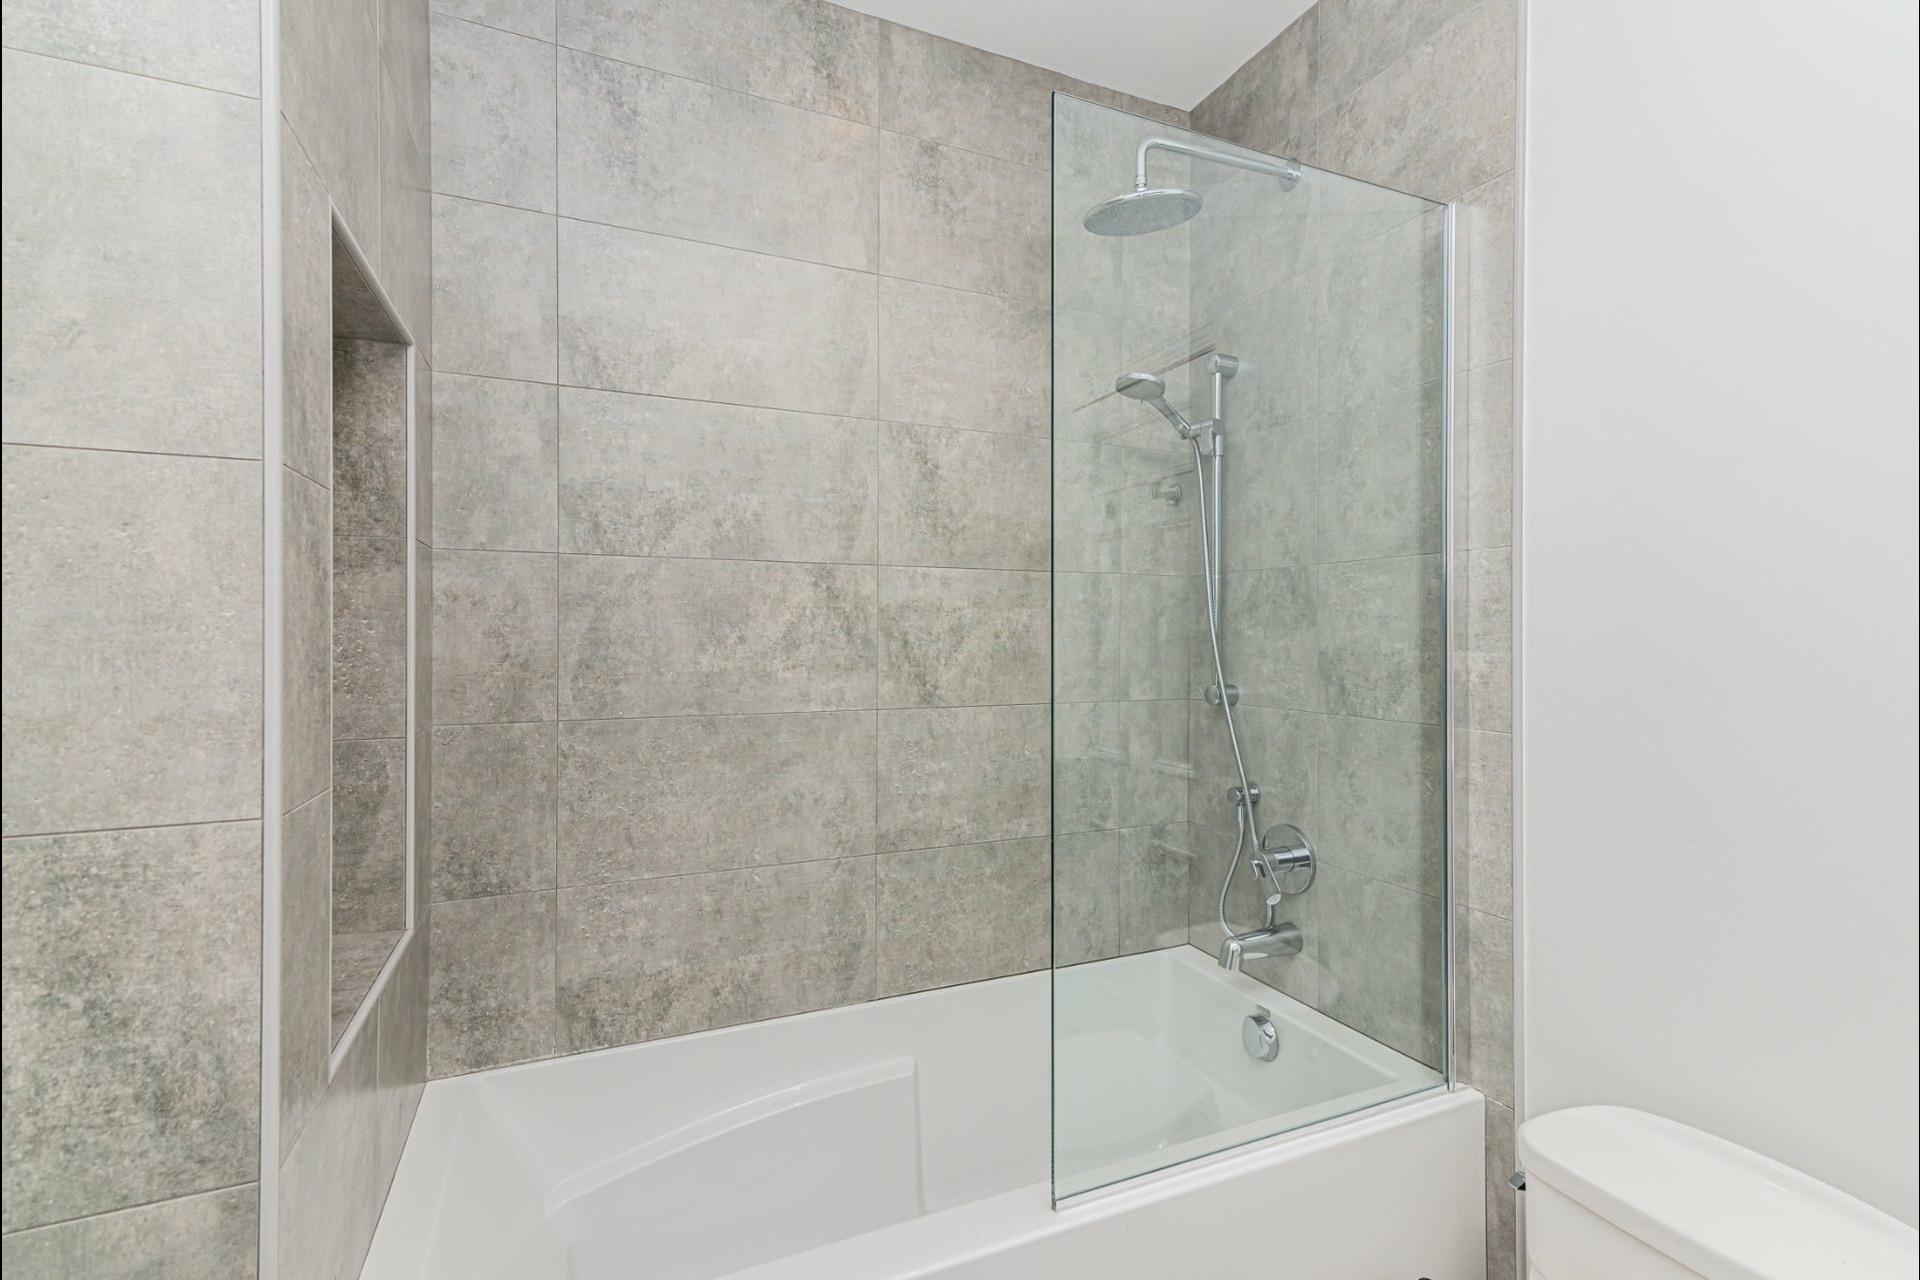 image 27 - Maison À louer Westmount - 8 pièces